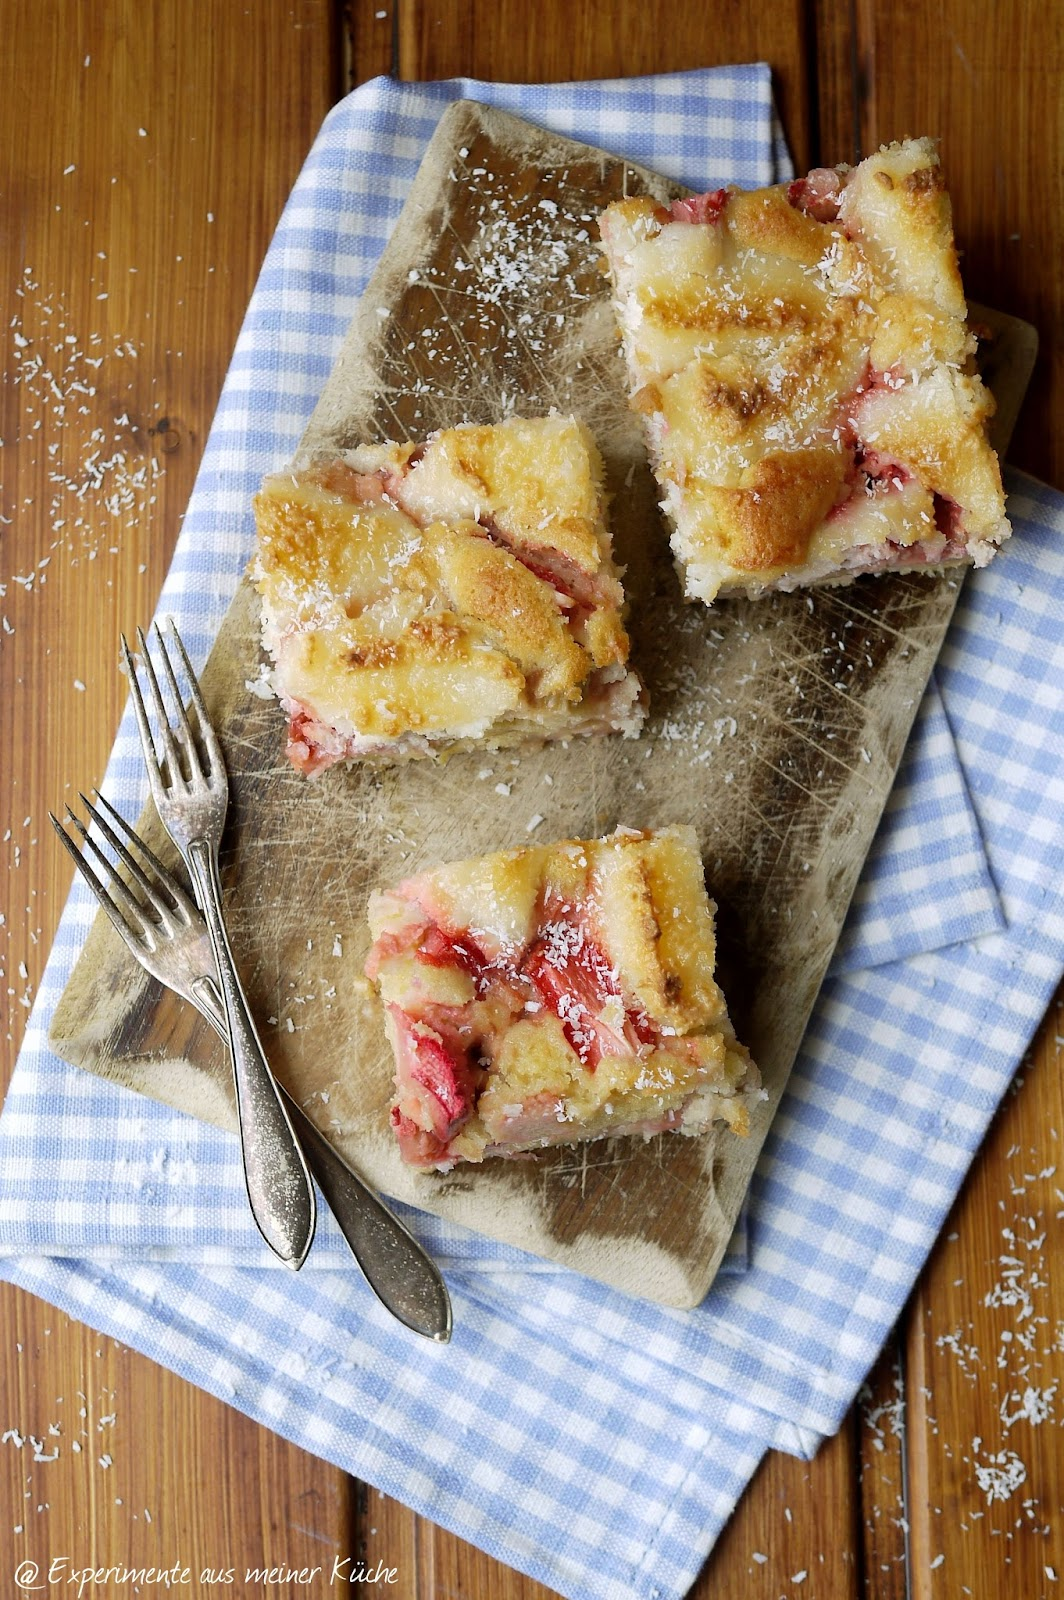 Experimente Aus Meiner Kuche Erdbeer Rhabarber Kuchen Mit Makronenguss